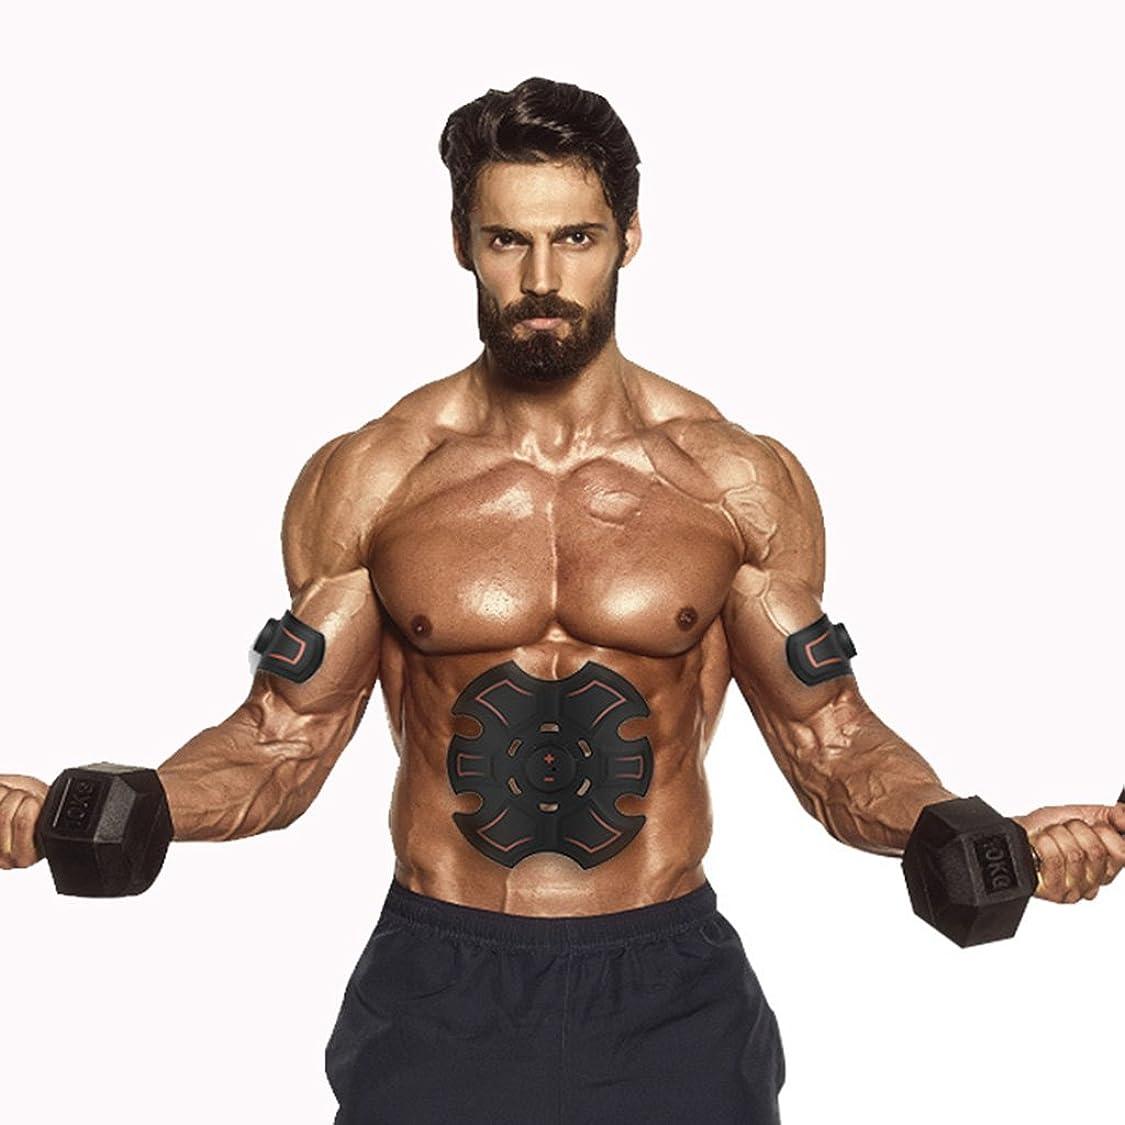 理想的不十分経済GBR- 腹部の筋肉Toner?2018腹部の筋肉EMSスマート腹部の腹部の人工物のマッサージャーミニ腹部のステッカー(黒+赤)